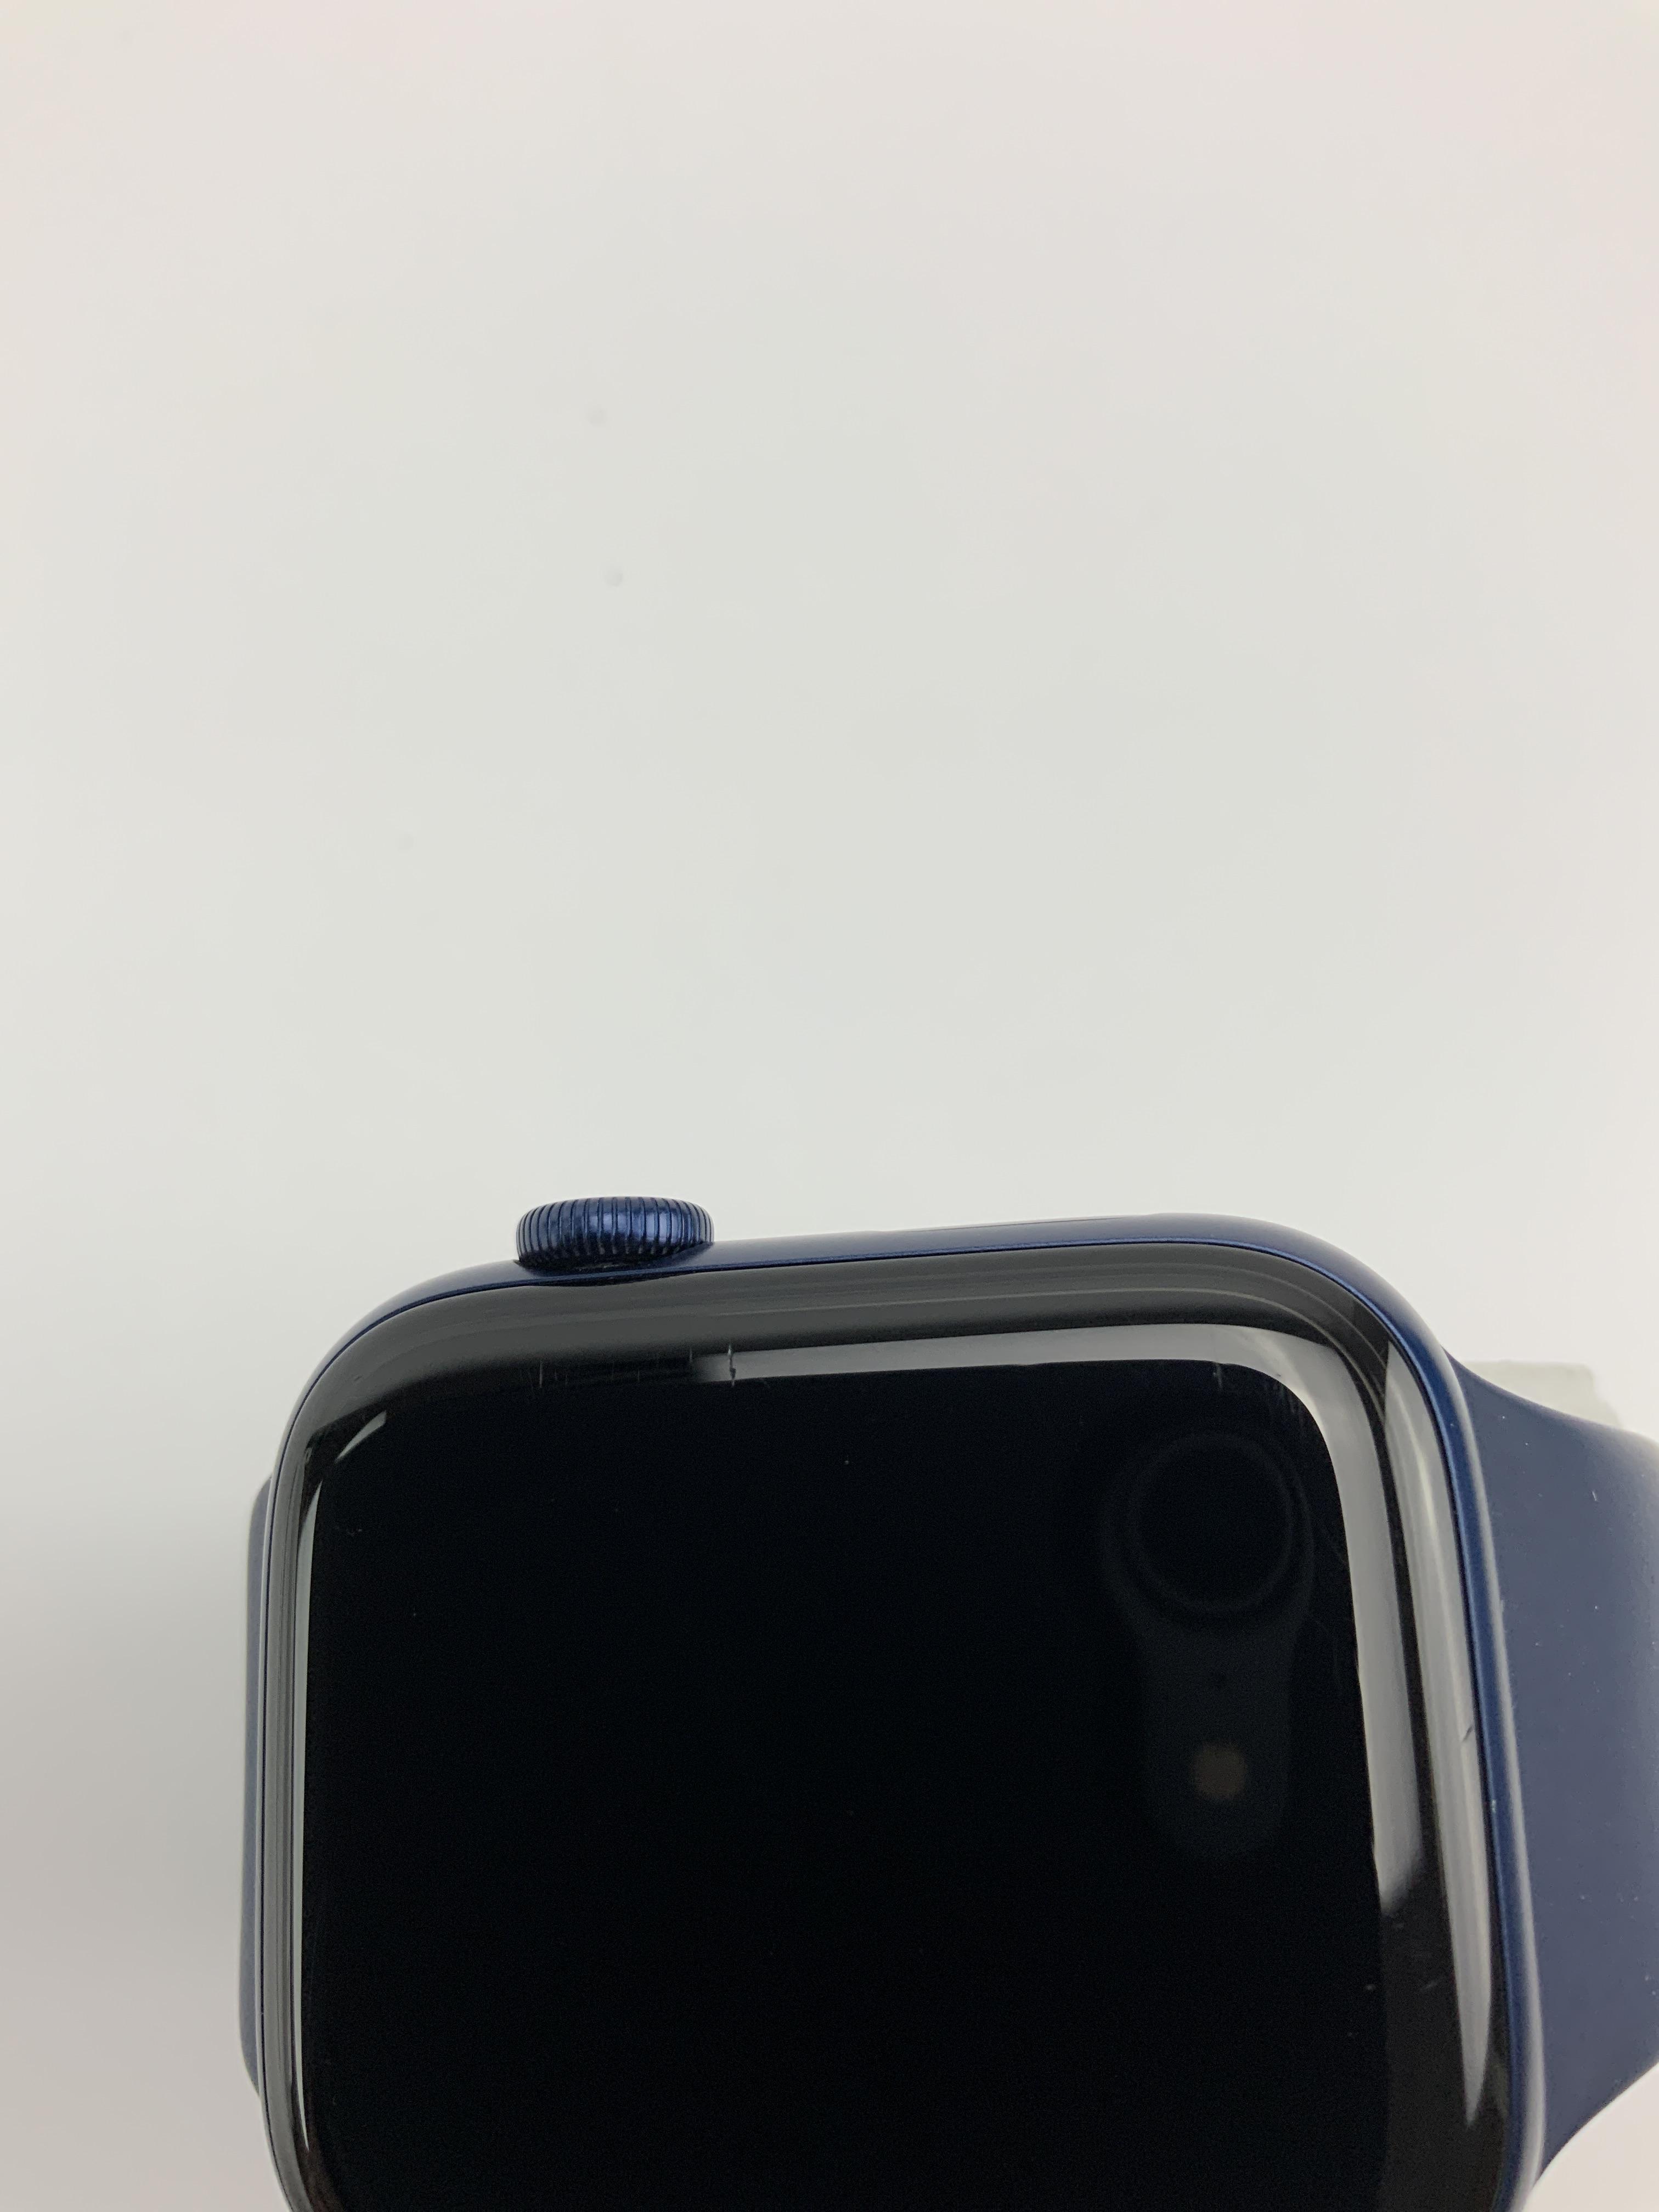 Watch Series 6 Aluminum Cellular (44mm), Blue, bild 4